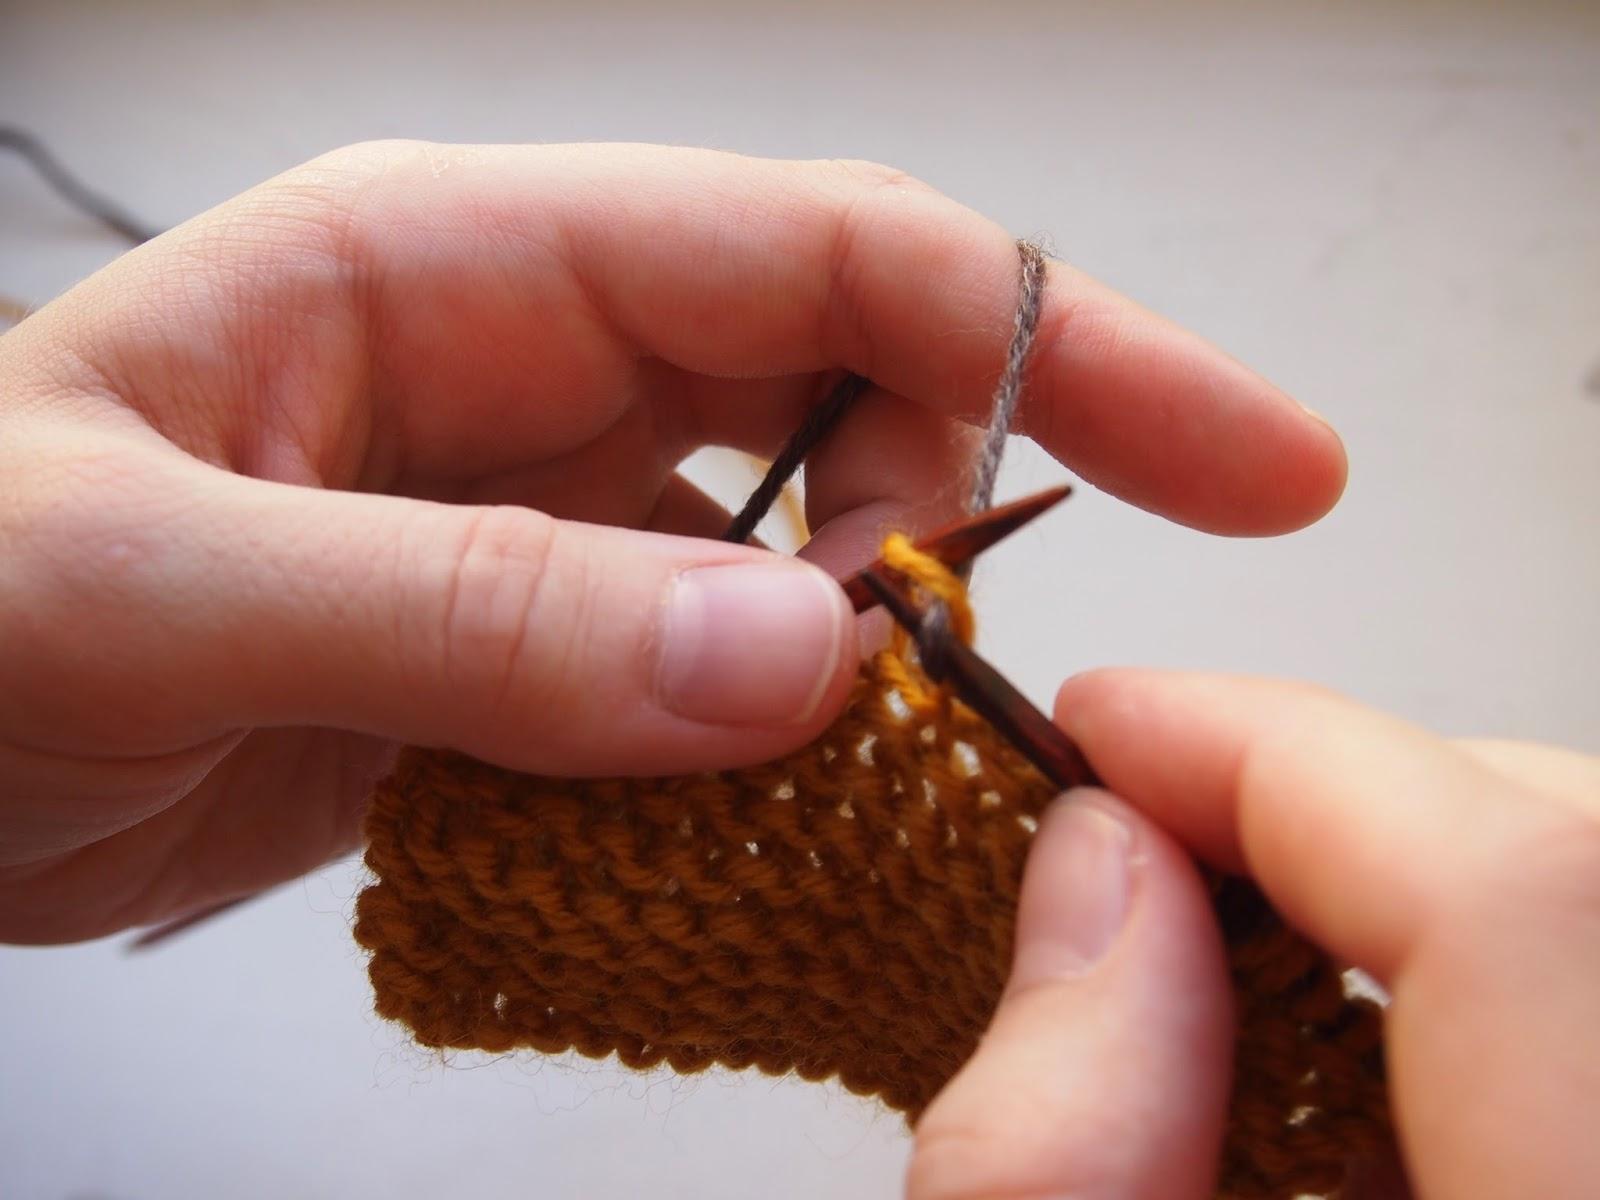 langanpään yhdistäminen neuleeseen